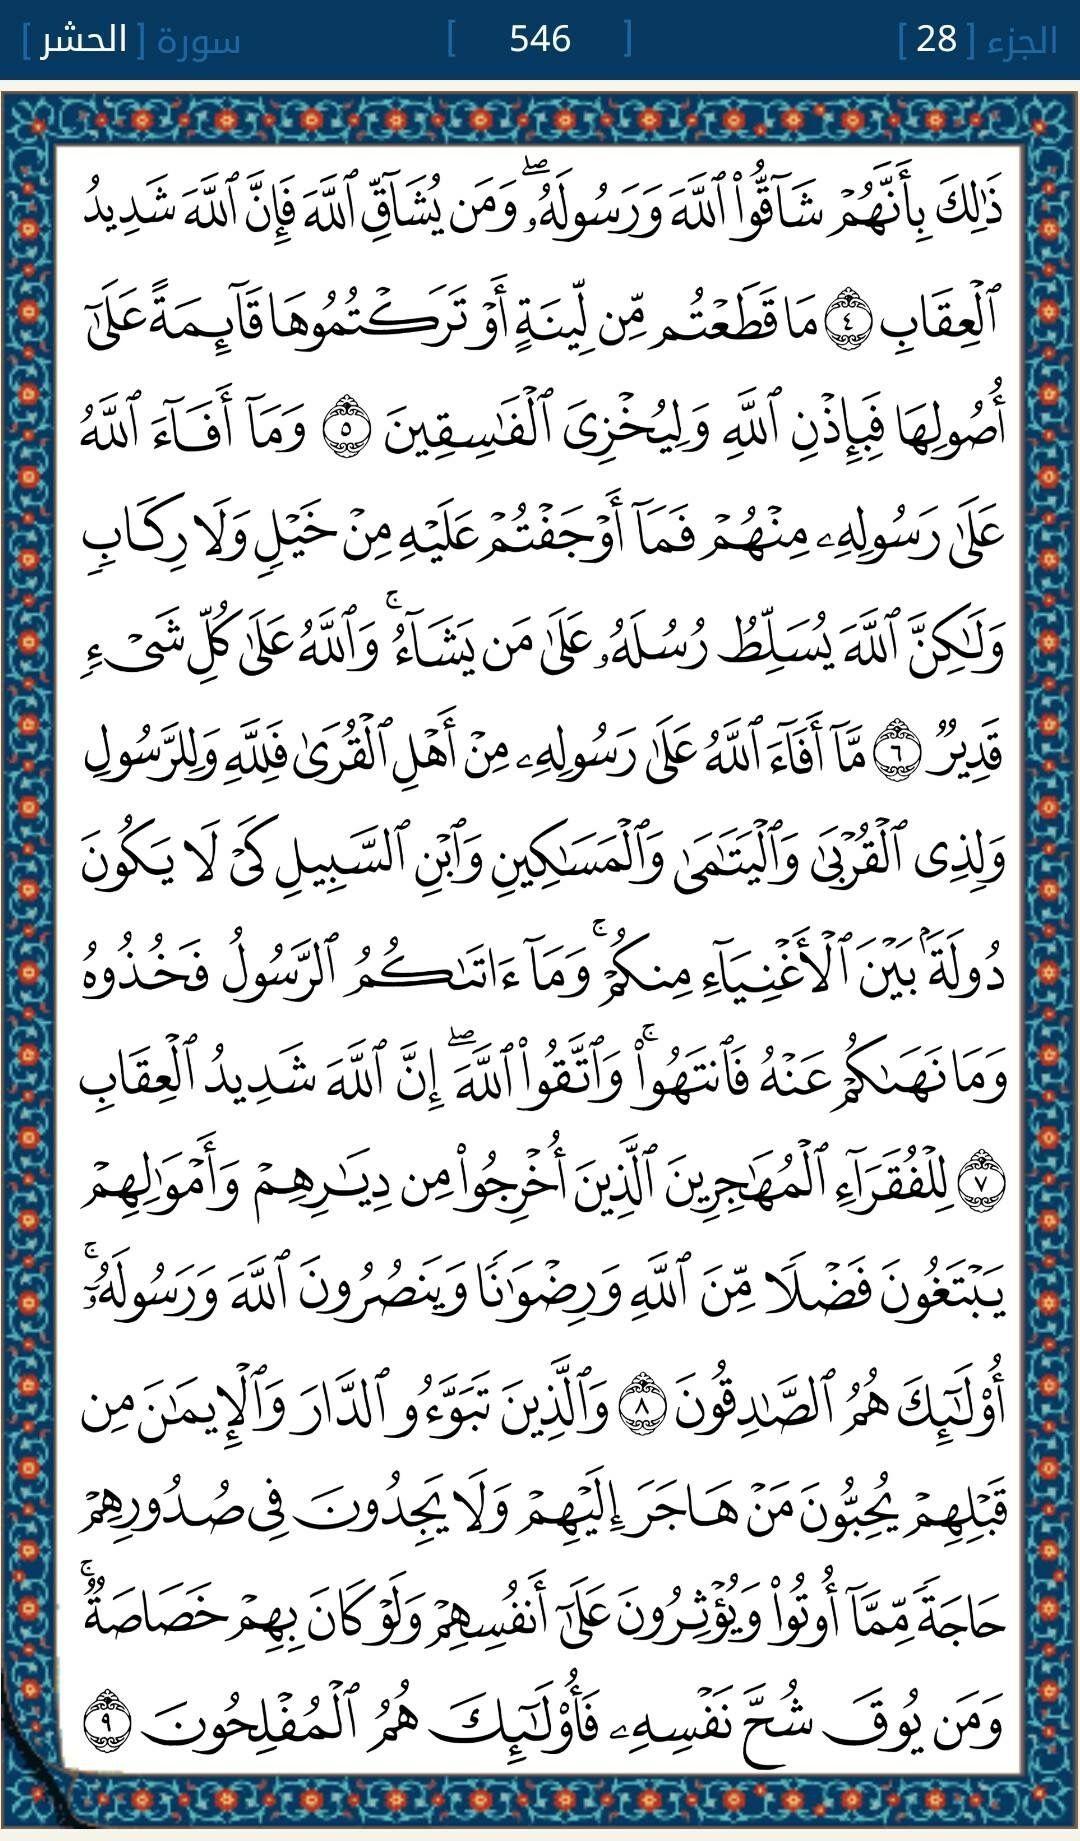 ٤ ٩ الحشر Holy Quran Book Quran Book Architecture Collection